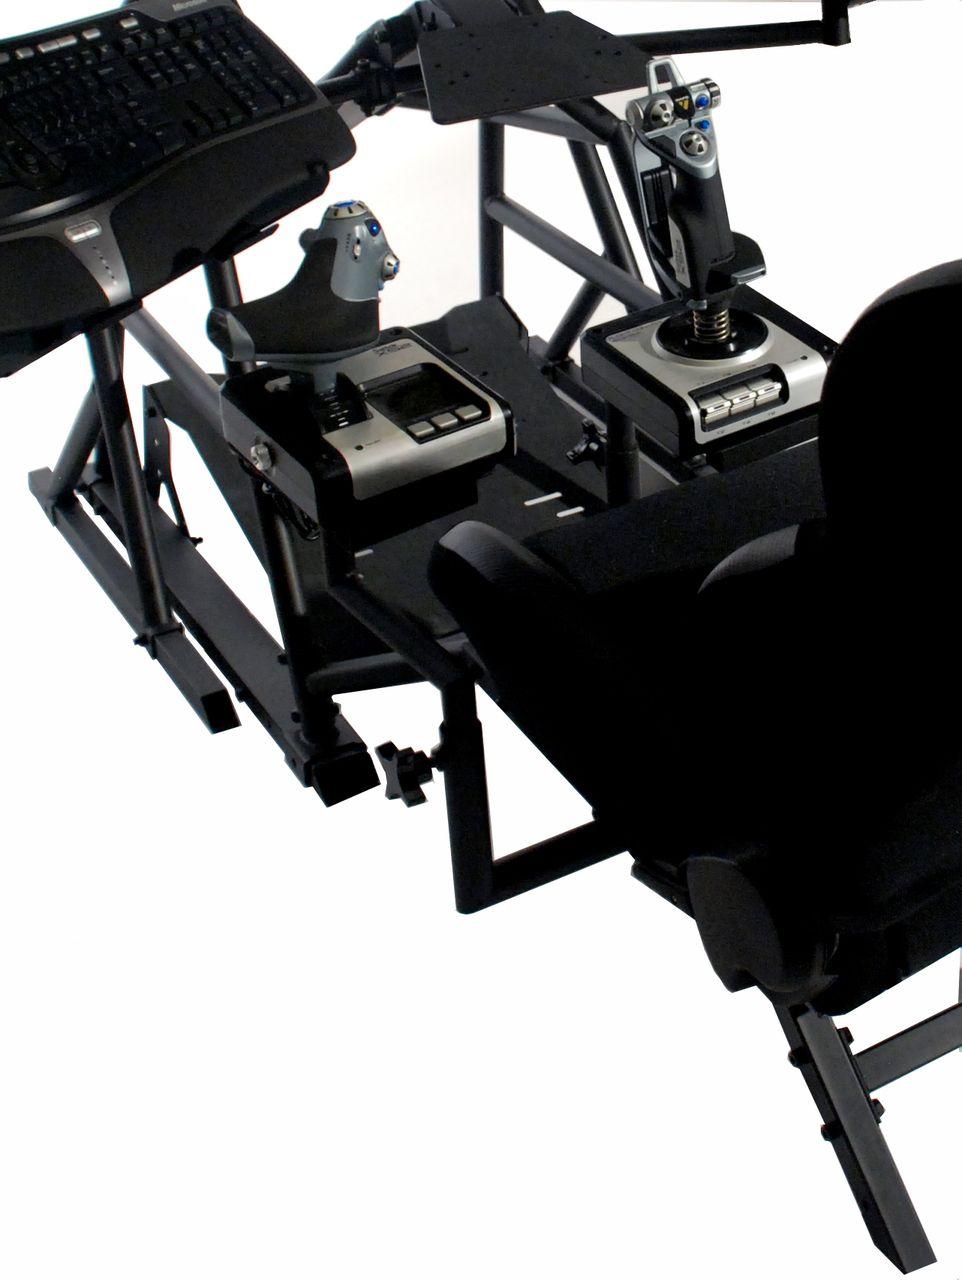 Obutto R3volution Gaming Cockpit Fun Fun Fun Obutto